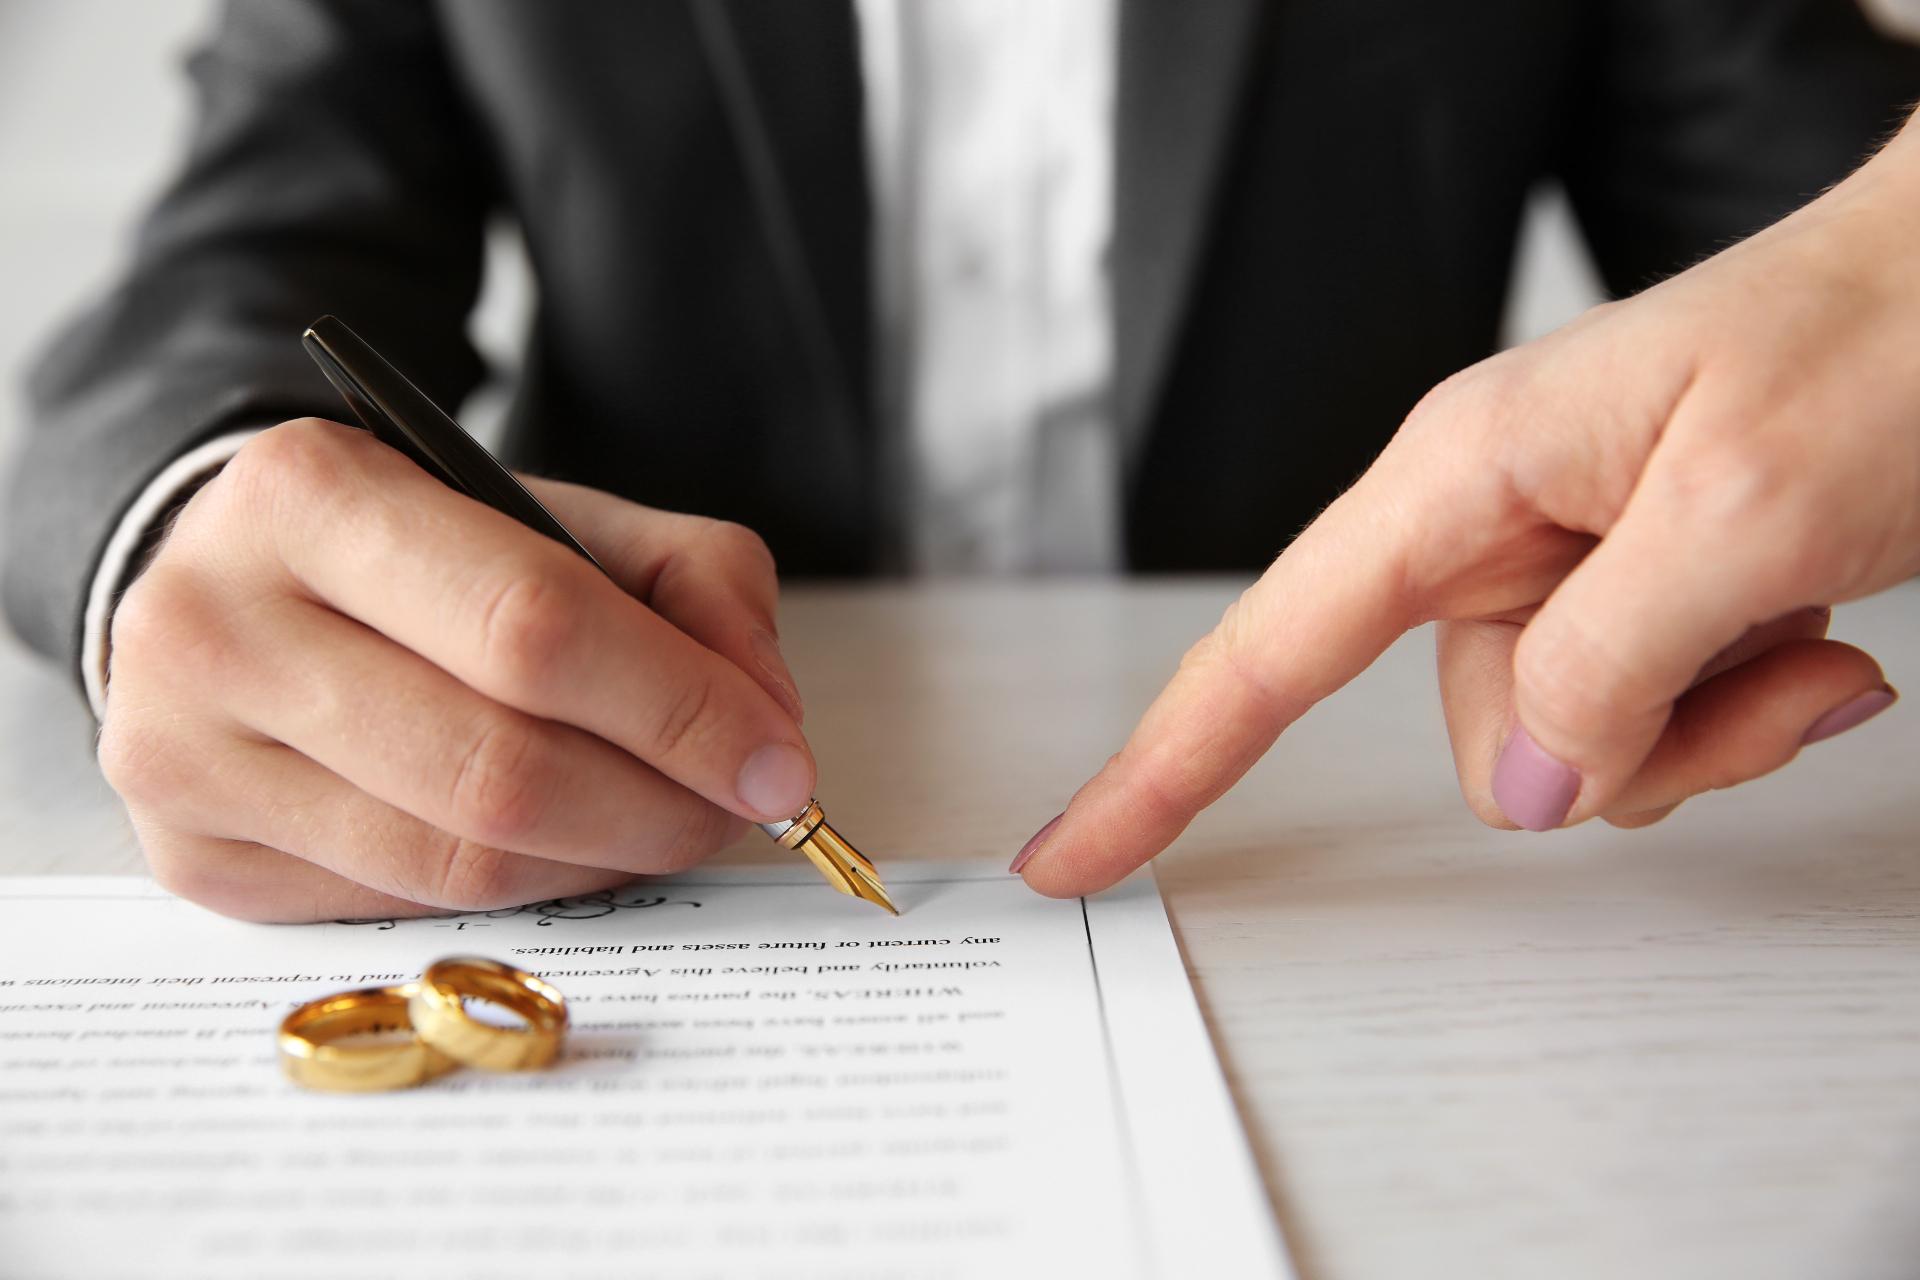 Брачный договор определяет только имущественные права и обязанности супругов